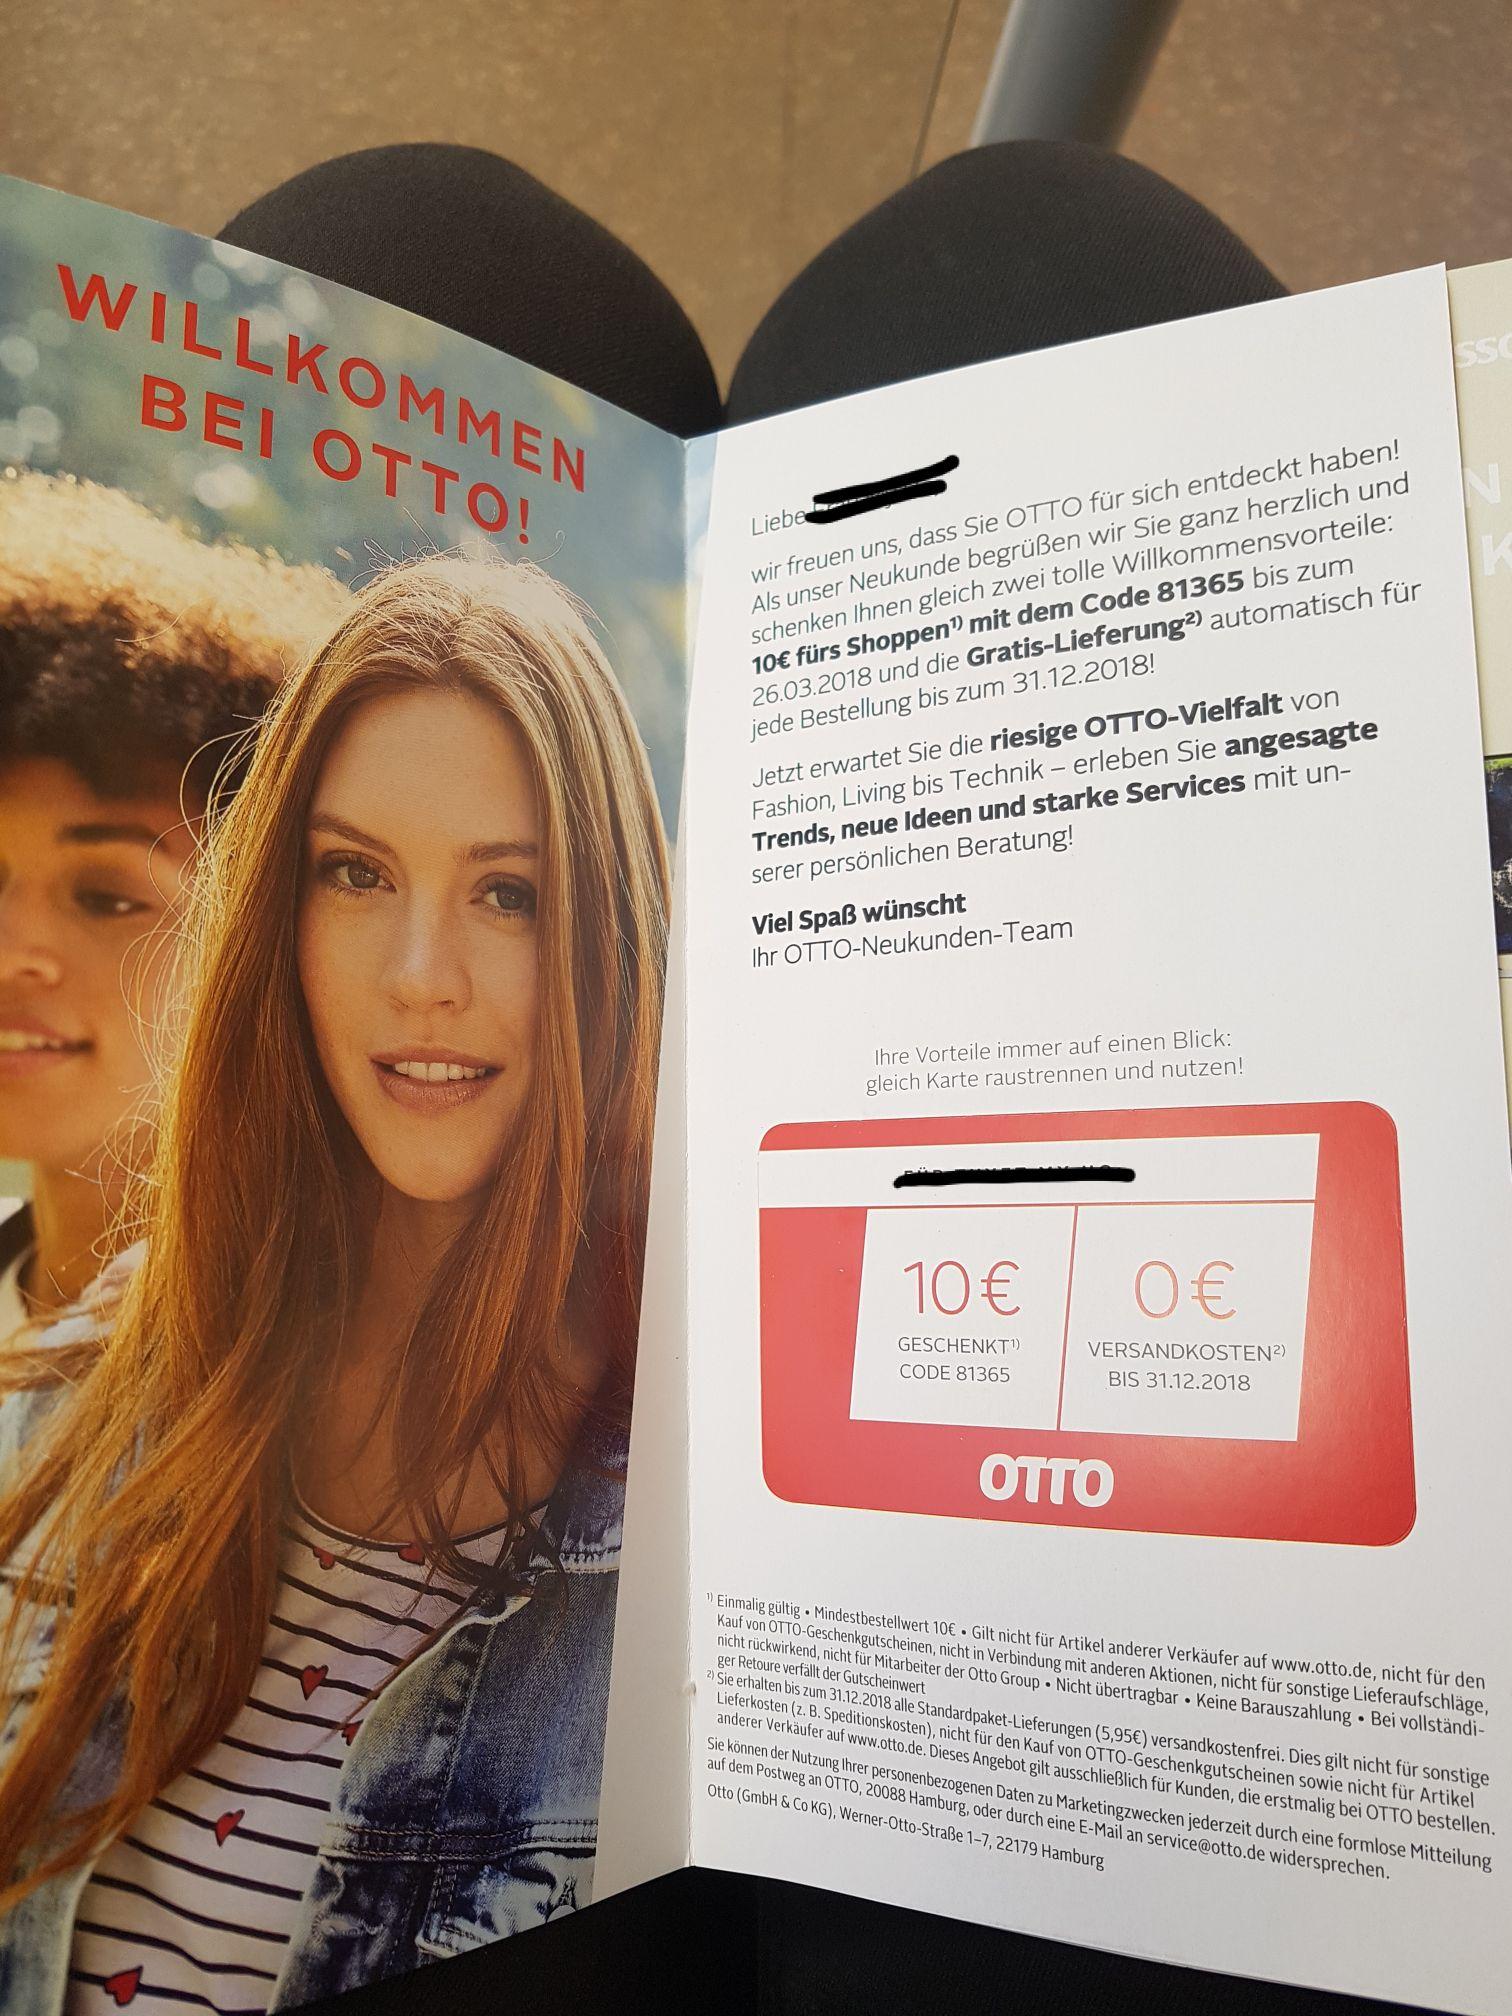 Gutschein OTTO -10€ mit 10€ MBW  (Freebies möglich)